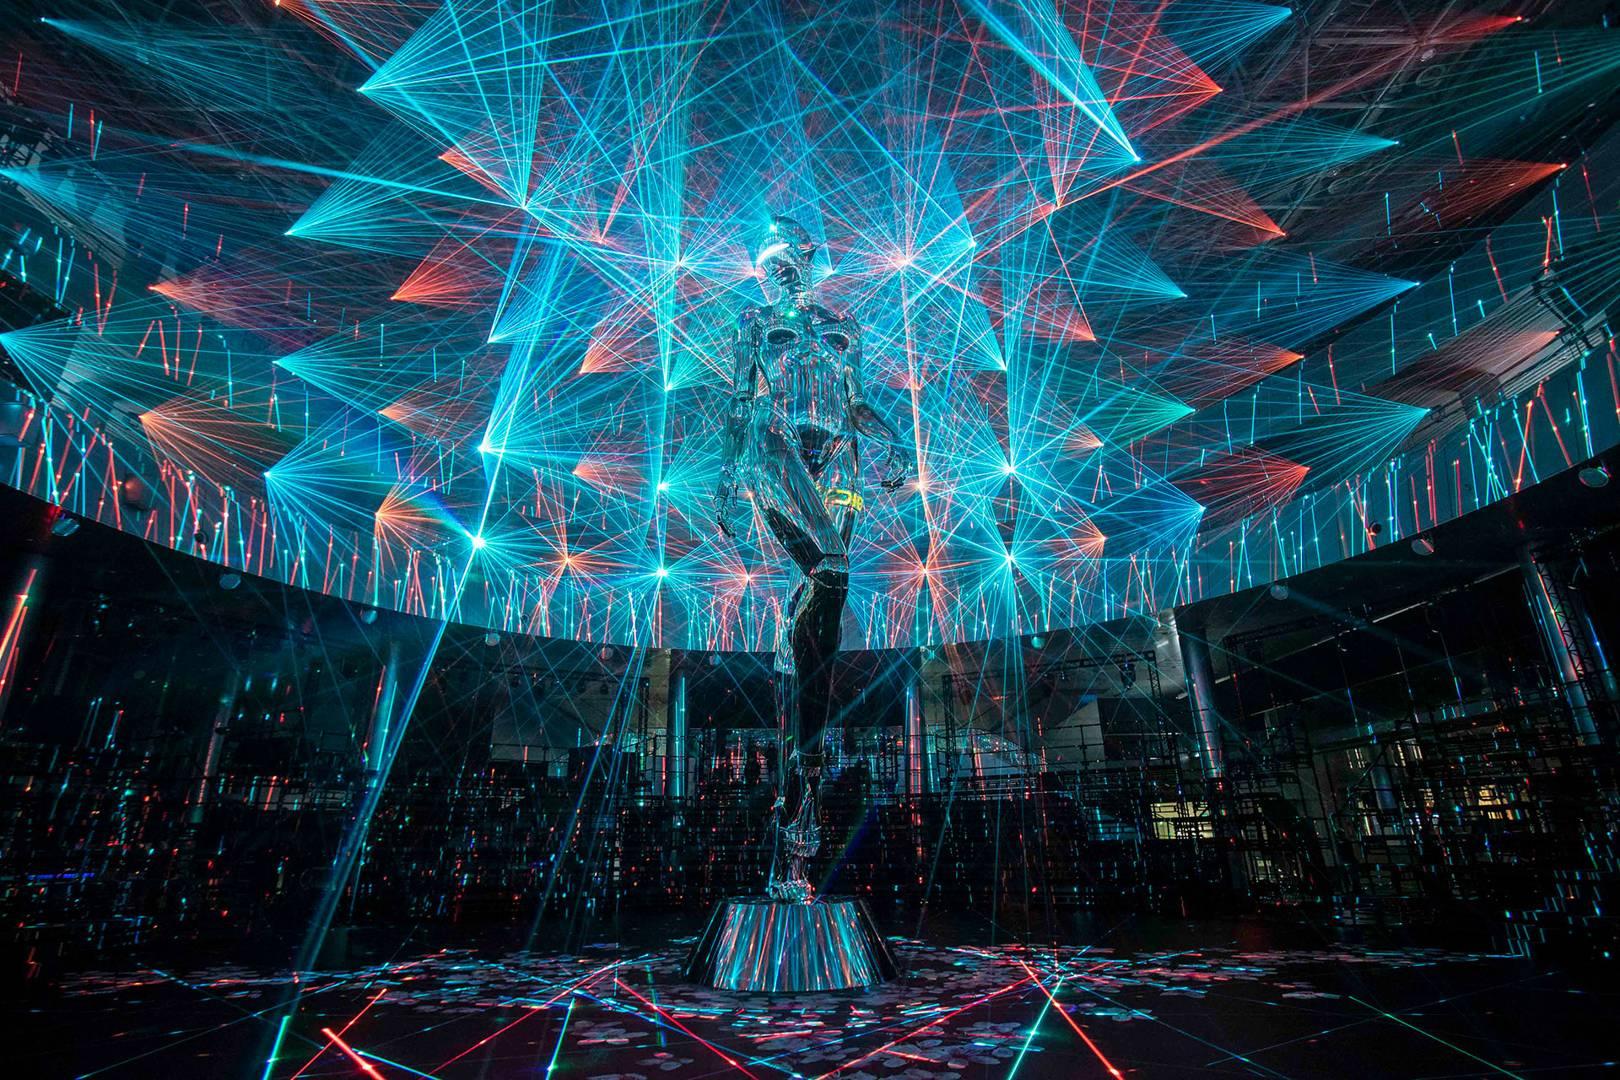 Il robot gigante di Hajime Sorayama per Dior  Collater.al